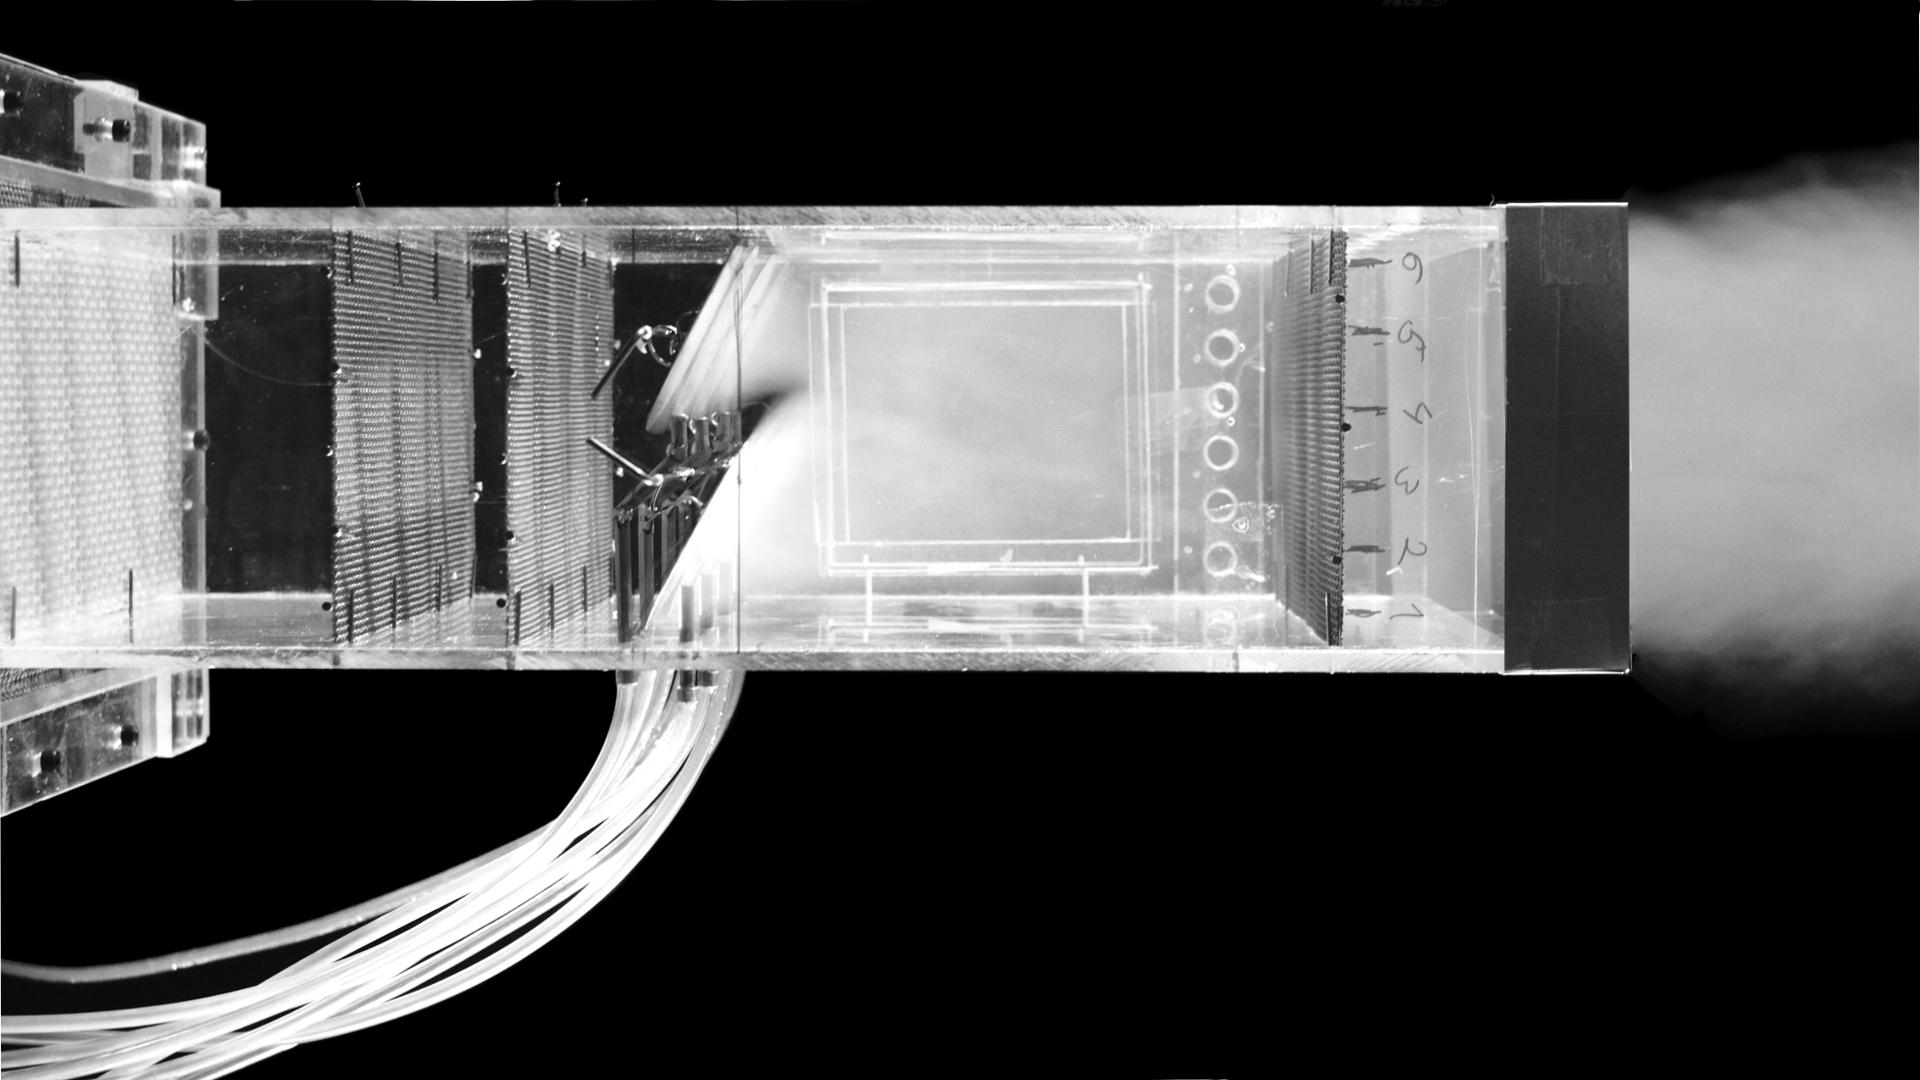 Strömungsmodell eines Kanalsegmentes zur Injektion von Ammoniak